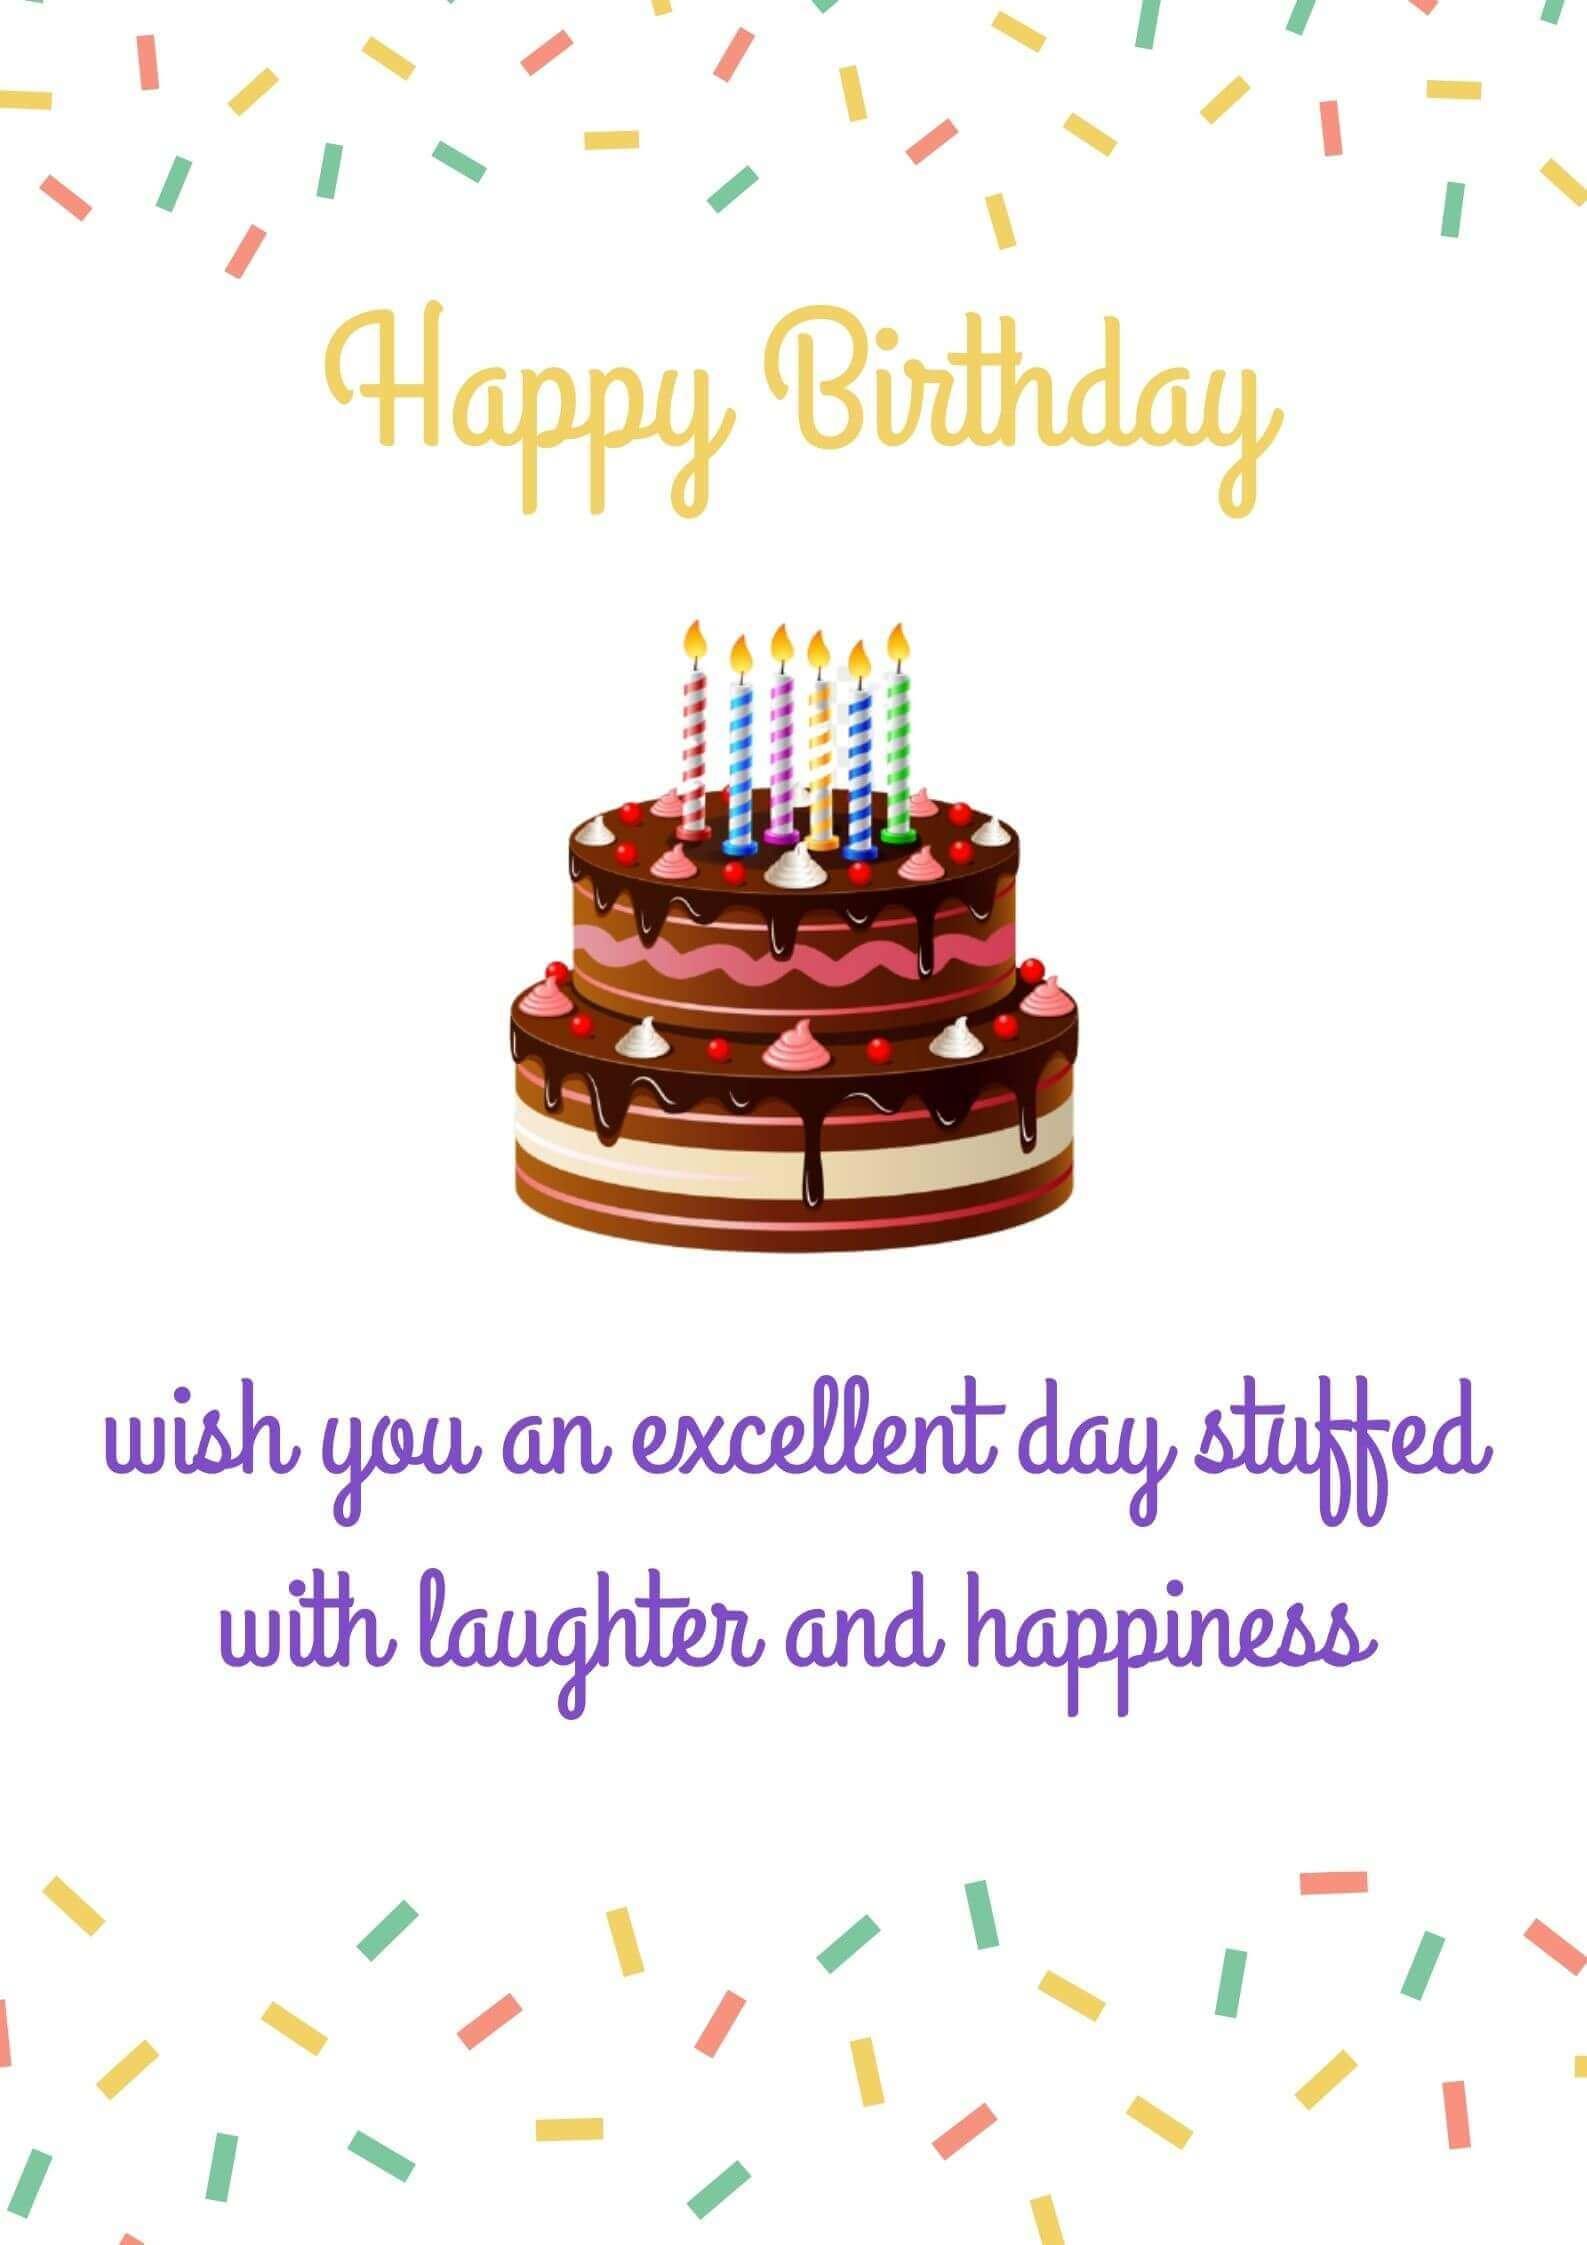 Birthday Wish Image